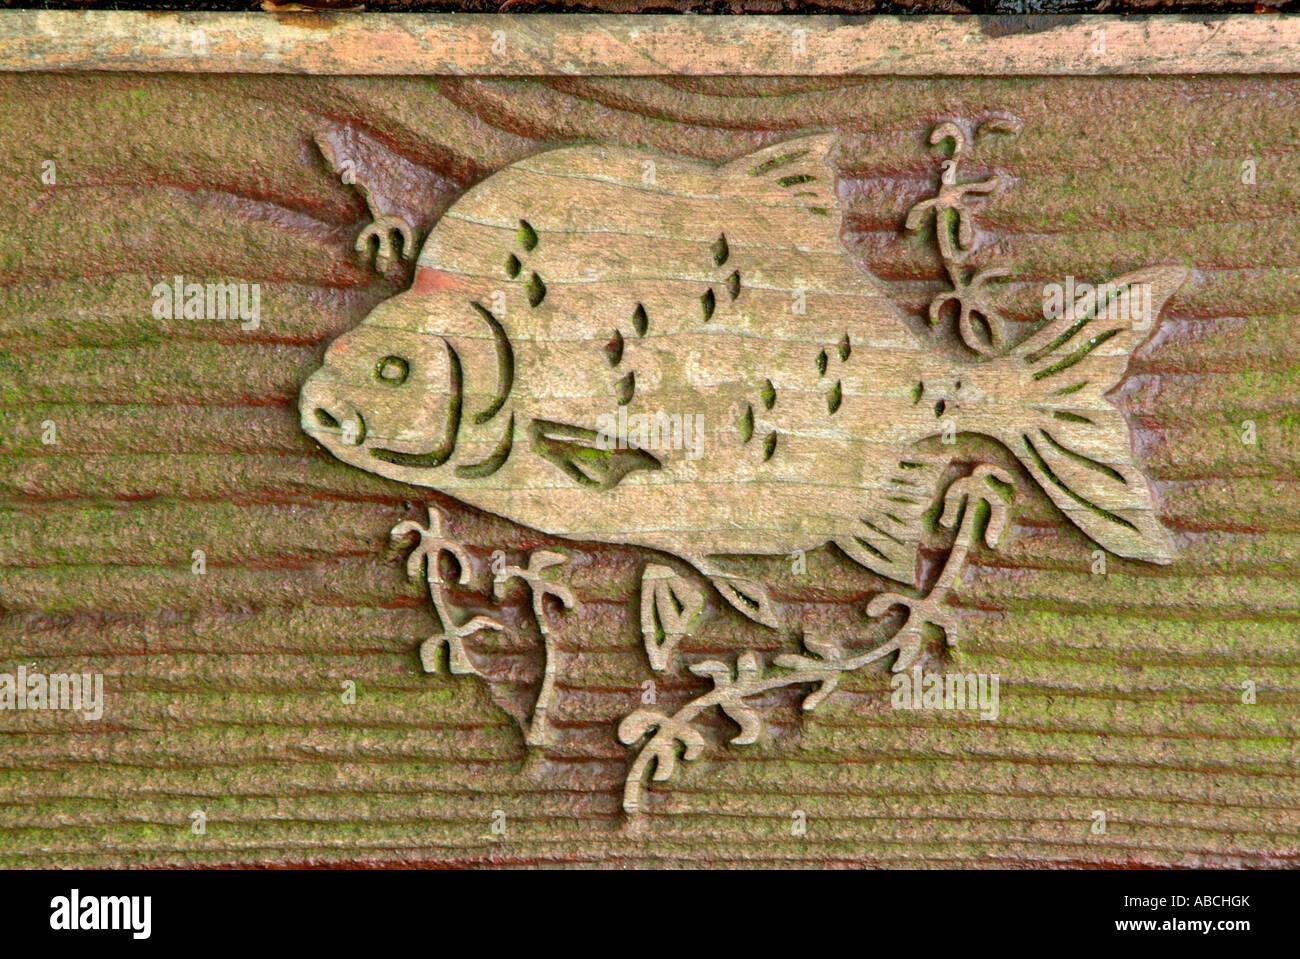 Bream fresh water fish wood grain carving symbol brown